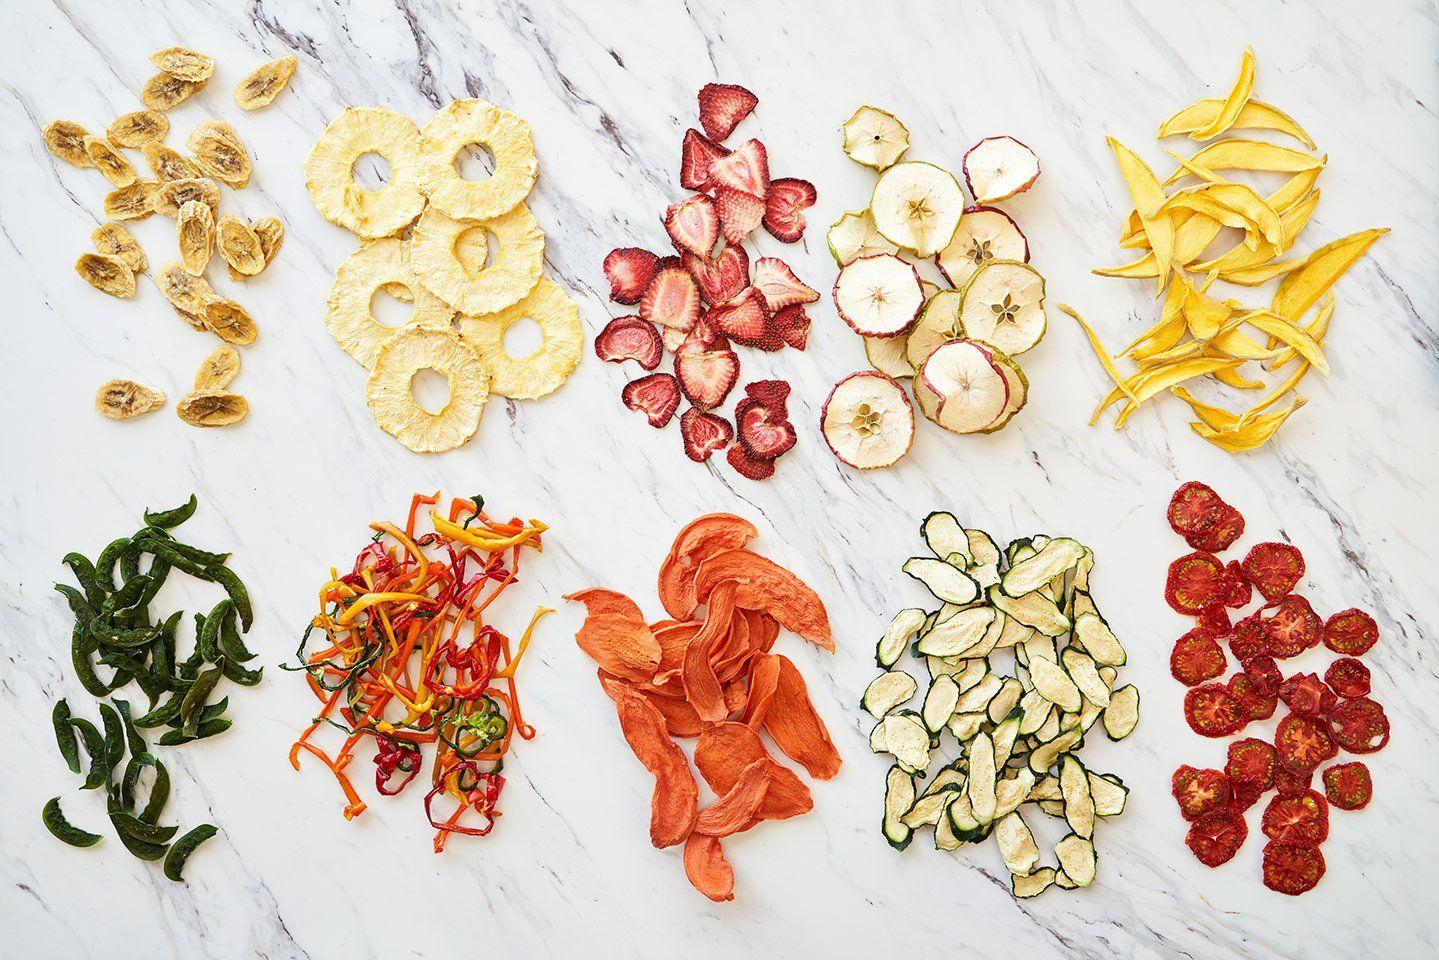 Хозяйке на заметку: 5 веских причин сушить впрок овощи, фрукты и другие продукты